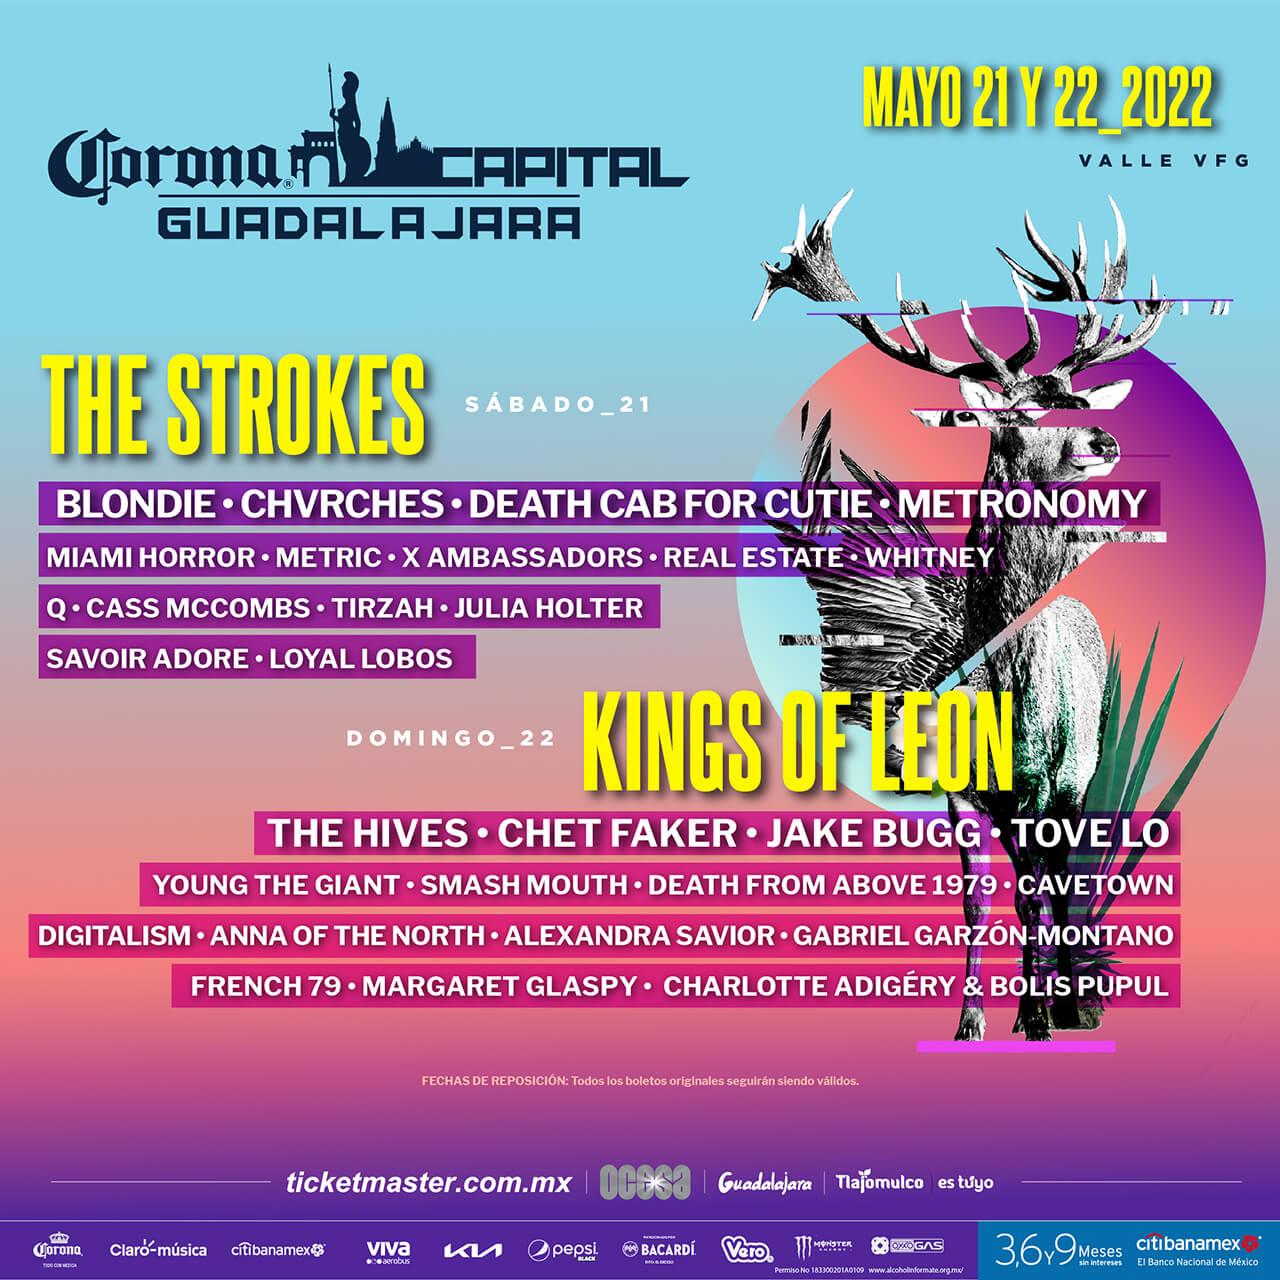 Corona Capital GDL - 21 y 22 de mayo, Valle VFG